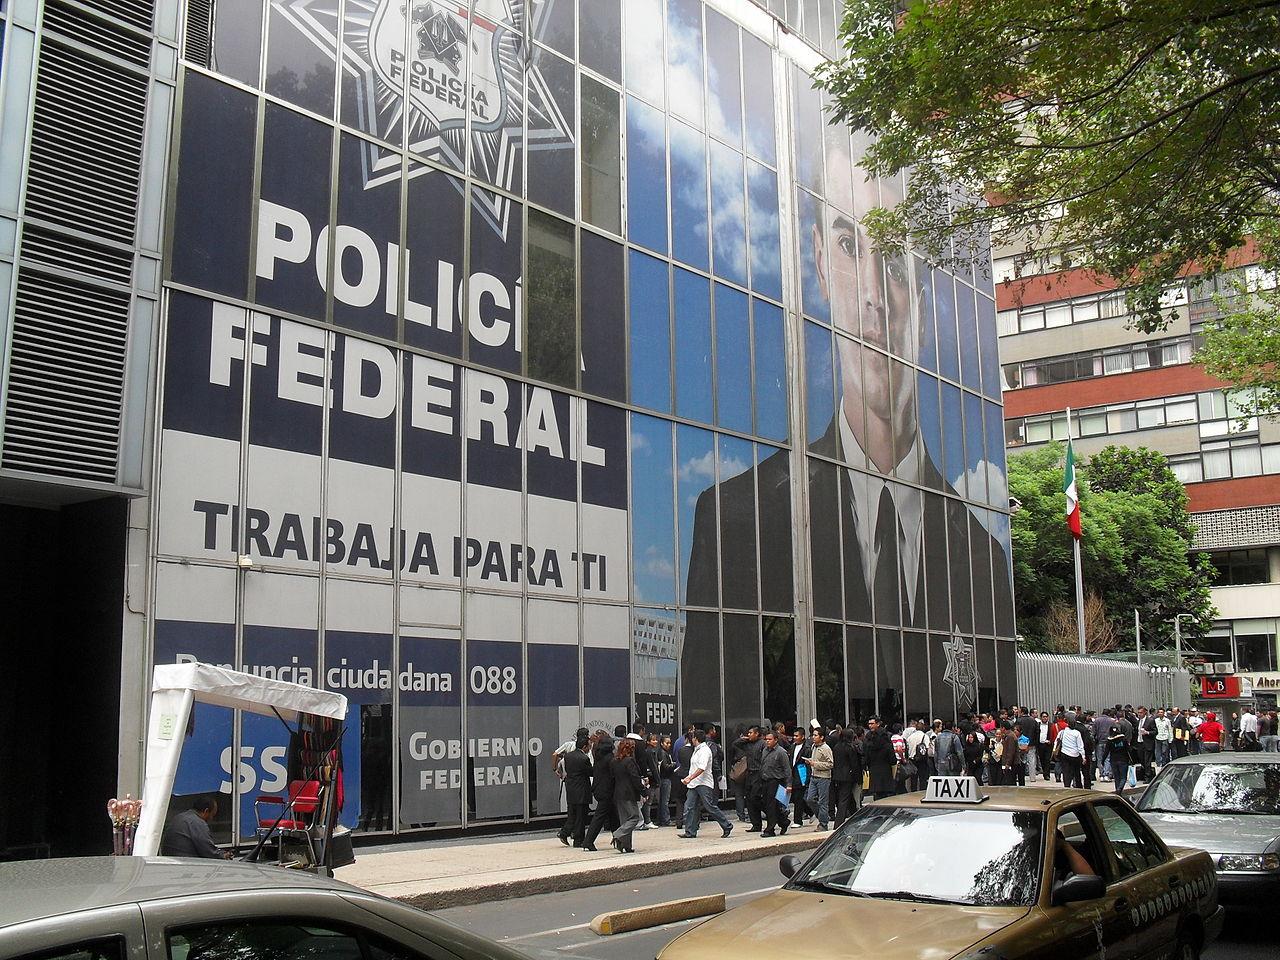 Sentimiento de inseguridad puede aumentar con protesta de Policía Federal: IP